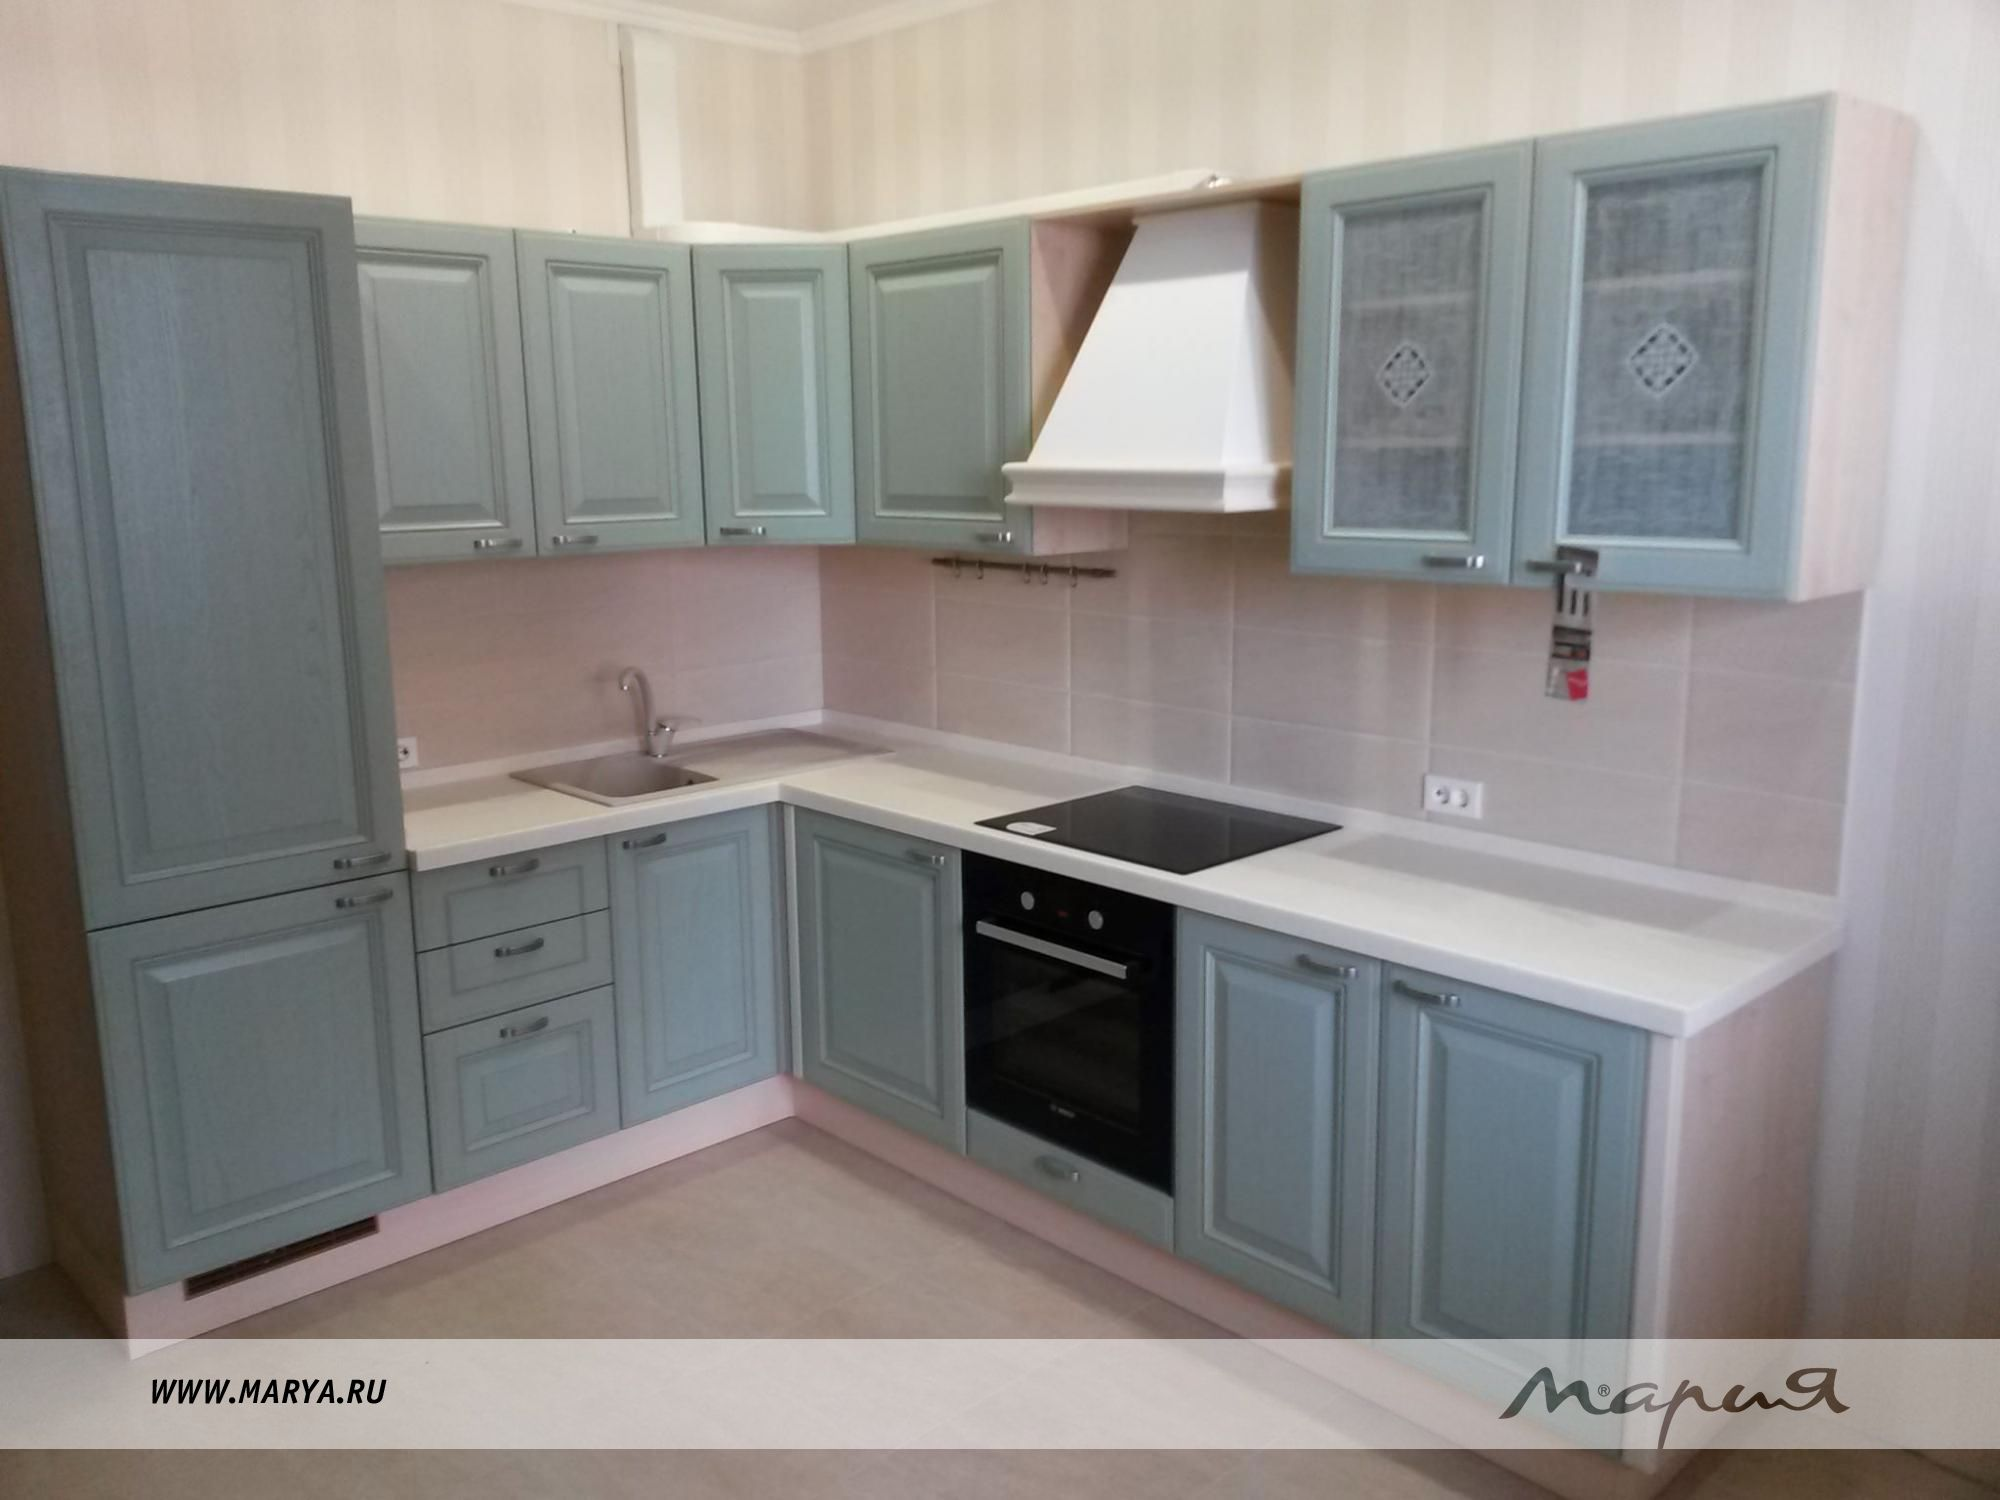 Мебель для кухни: Кухня Borgo   Мебельная Фабрика Мария